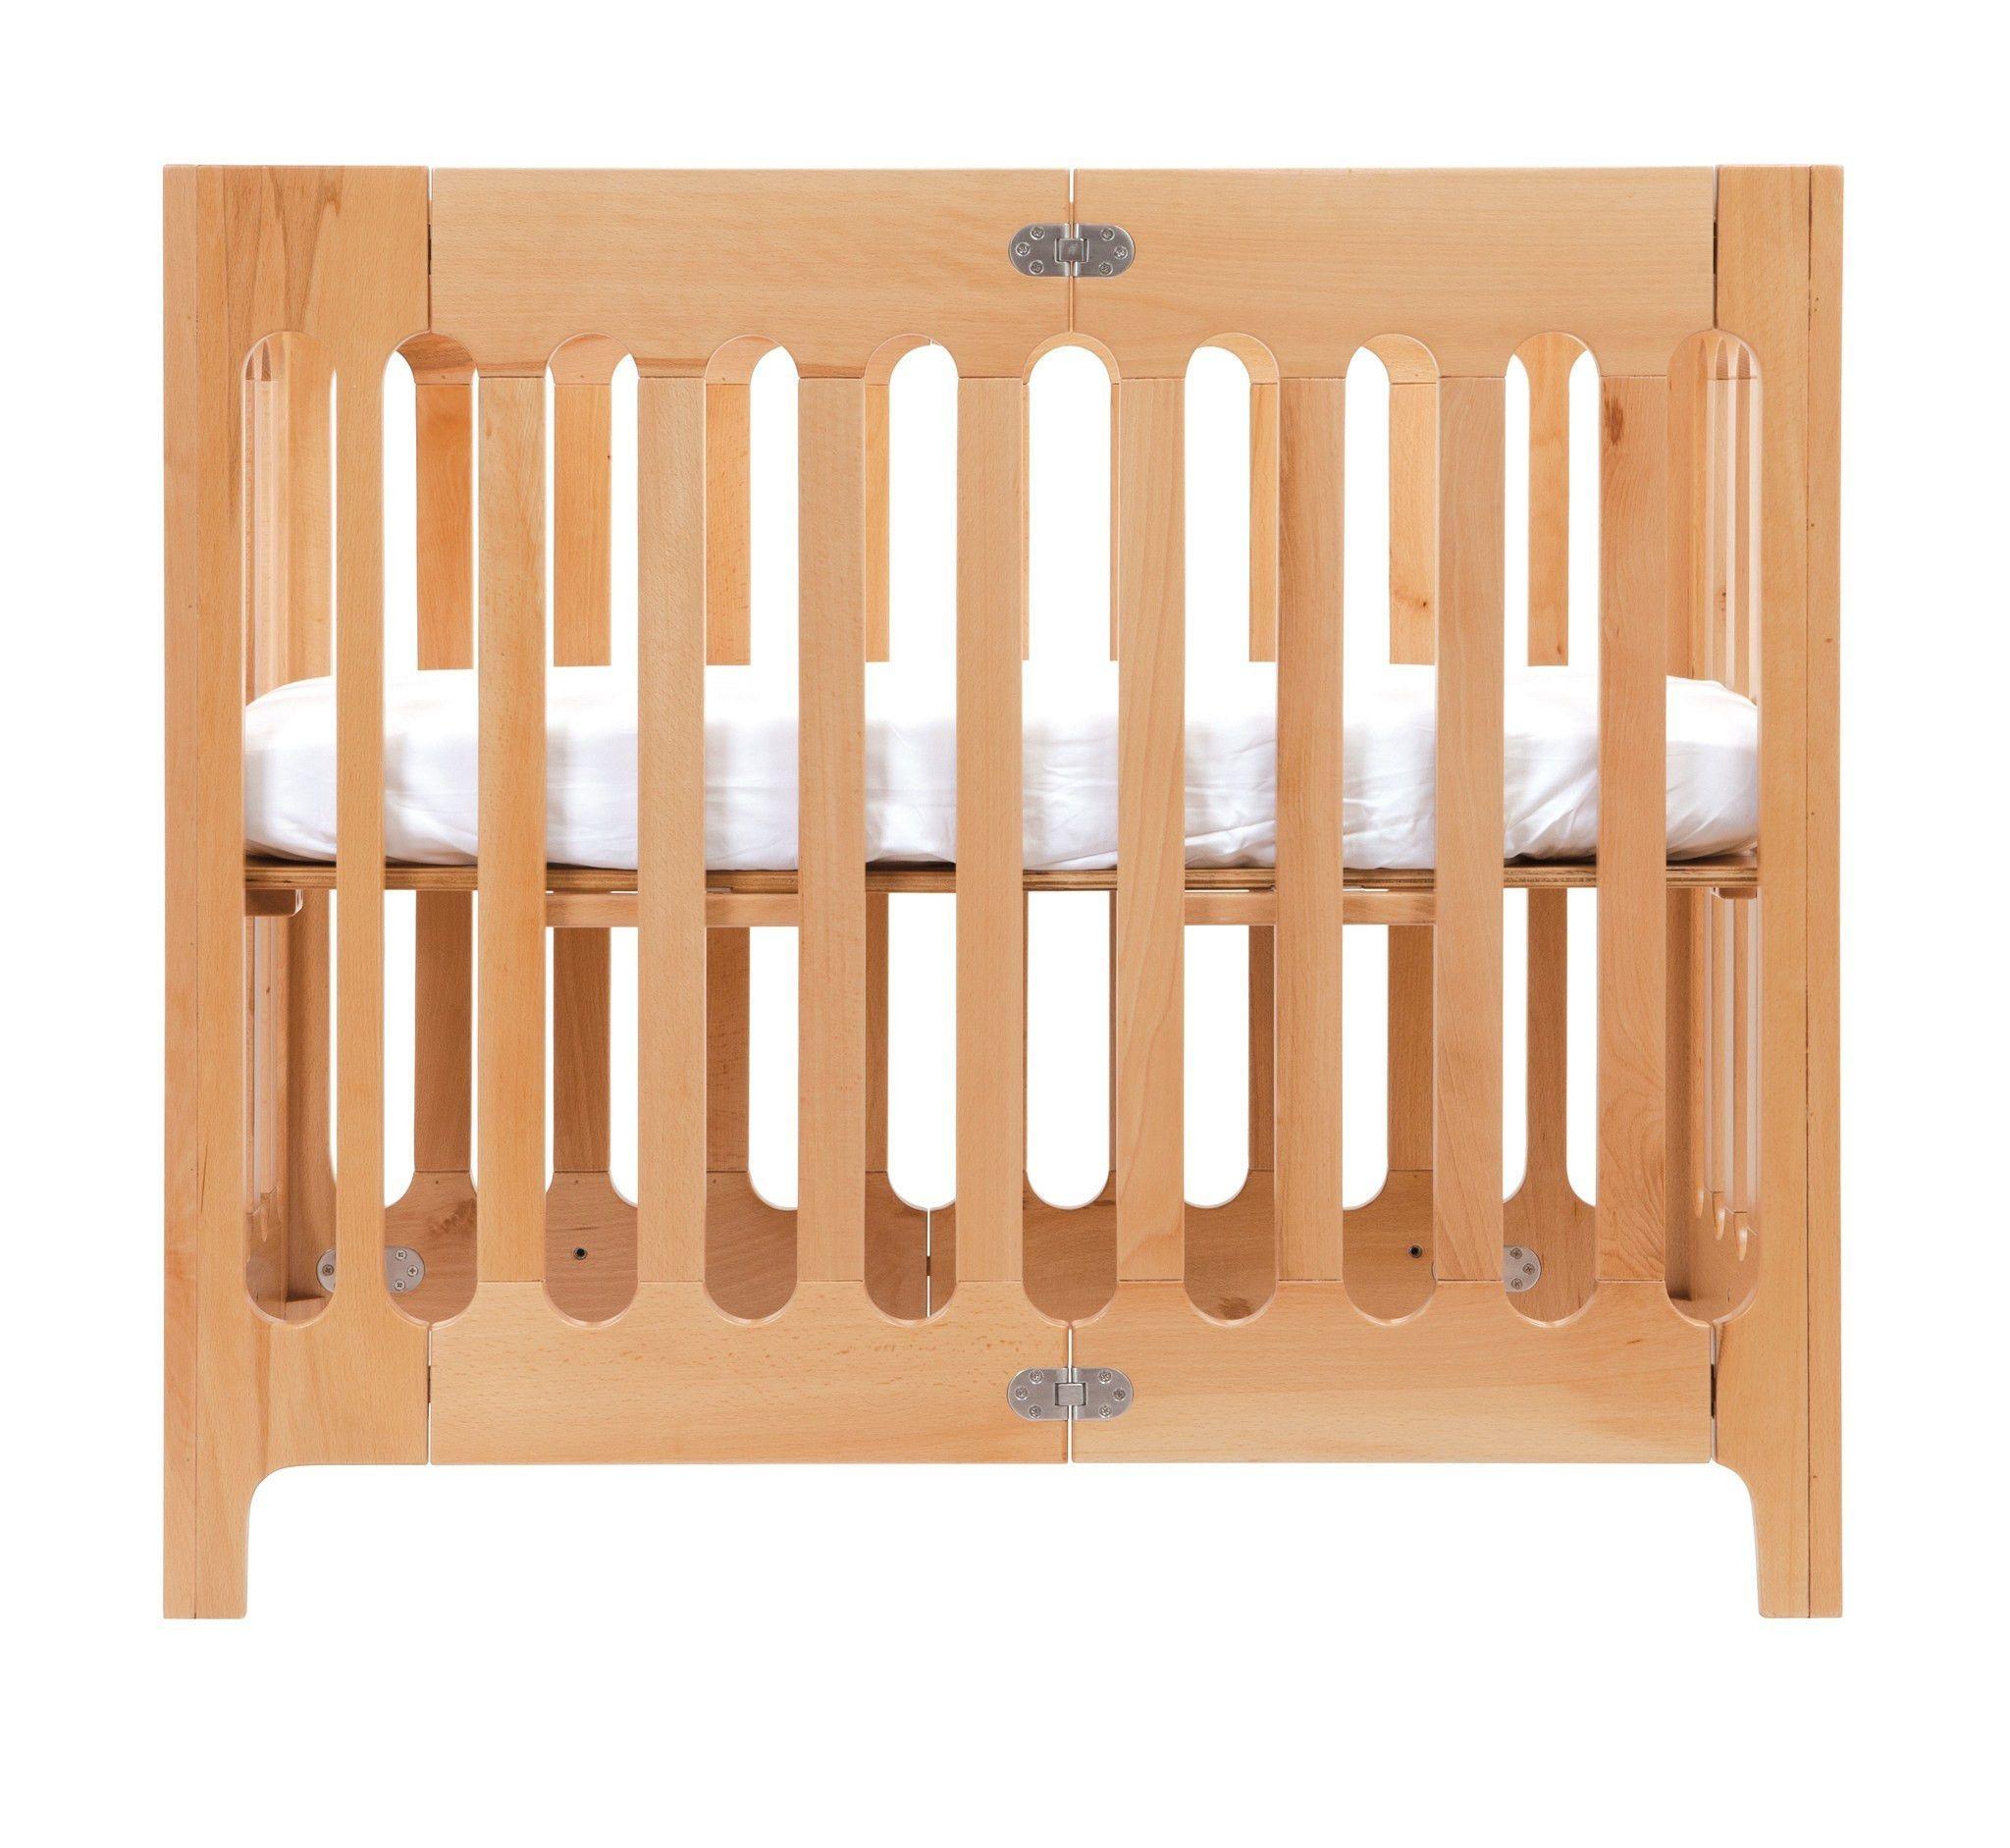 alma mini solid wood crib  bloom  decoration  pinterest  mini  - alma mini solid wood crib  bloom